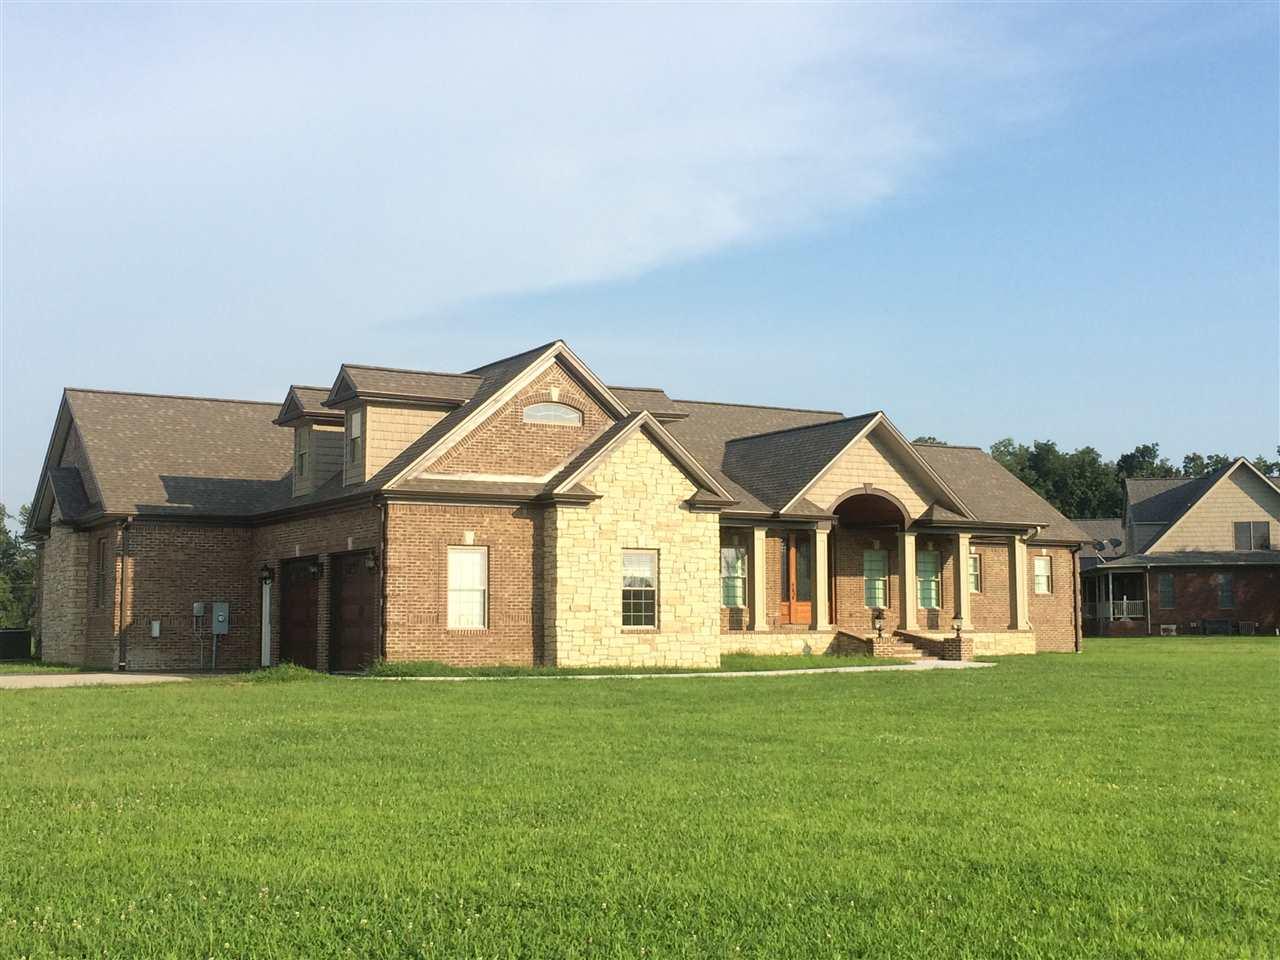 Real Estate for Sale, ListingId: 31697586, Kevil,KY42053